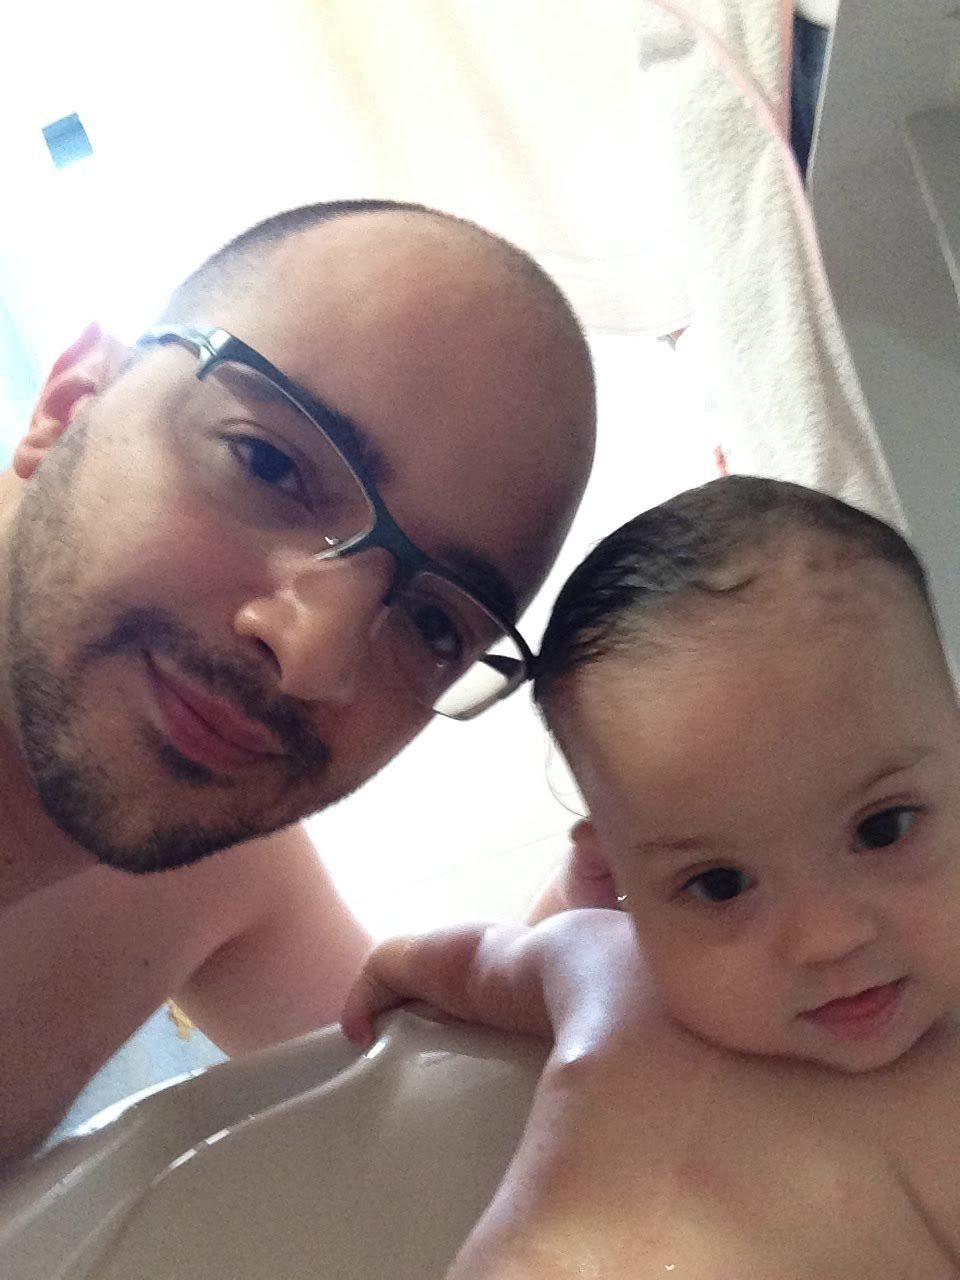 homem e bebê no banho.